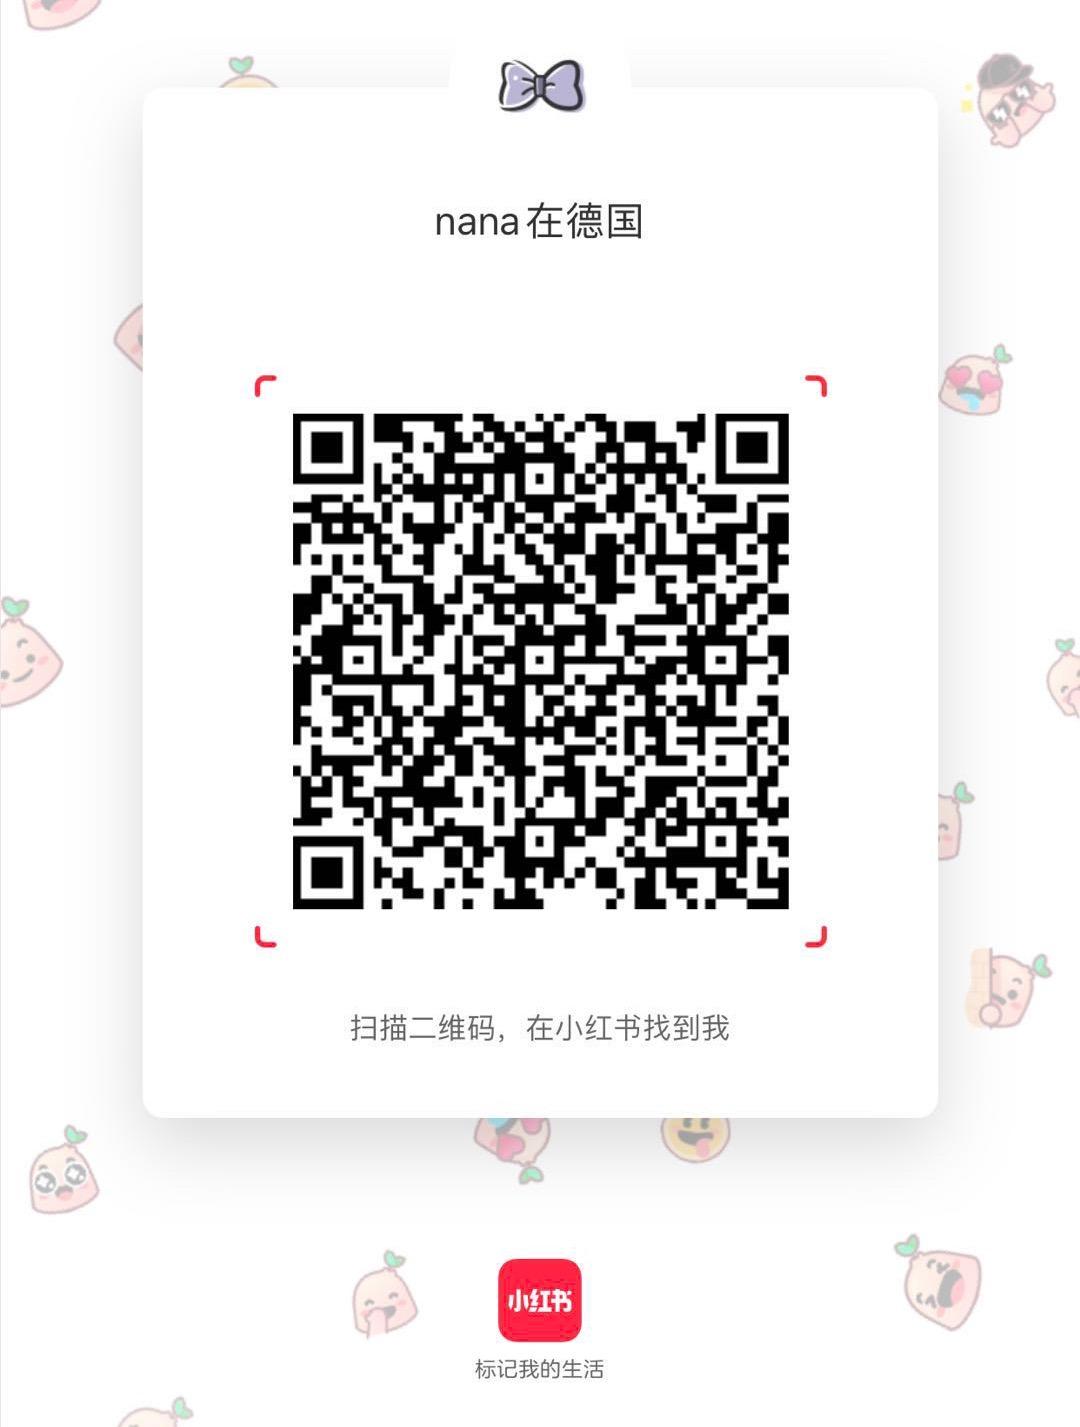 微信图片_202010231043403